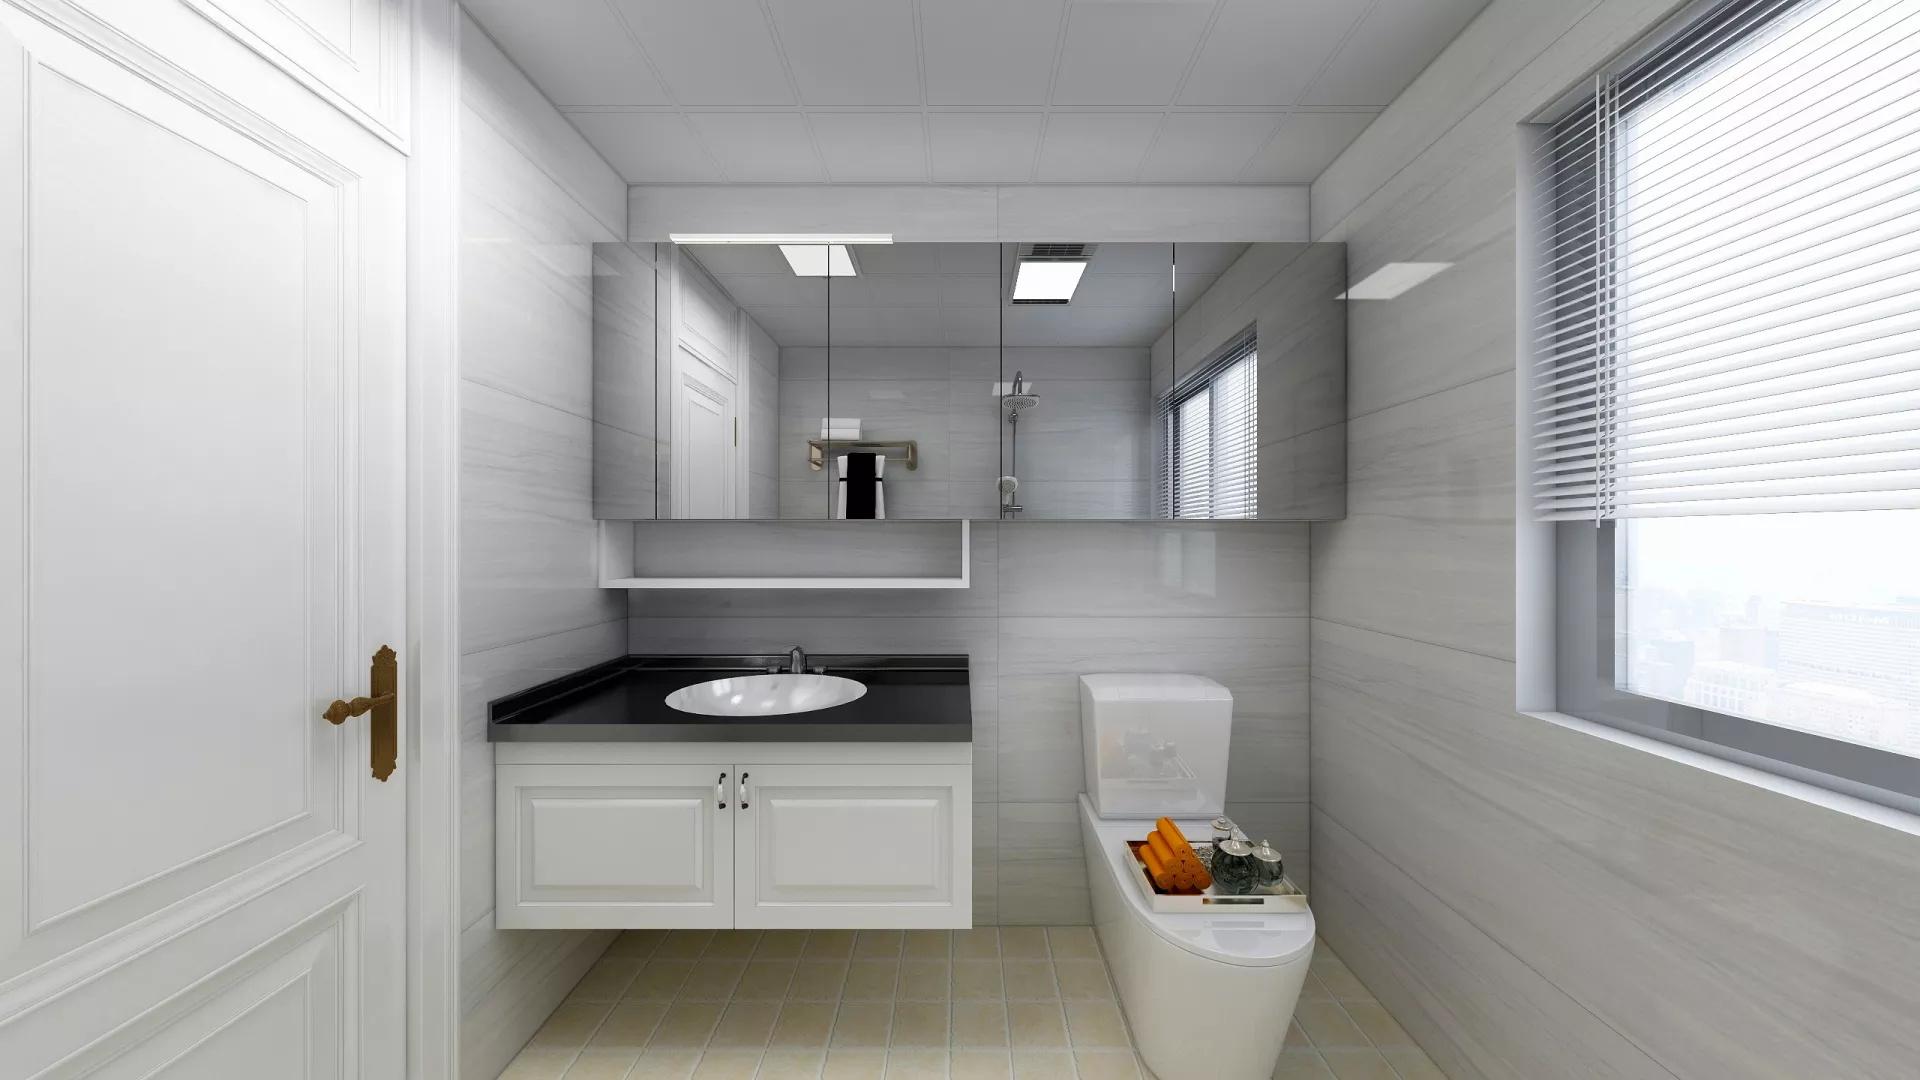 厨房插座如何设计布局?